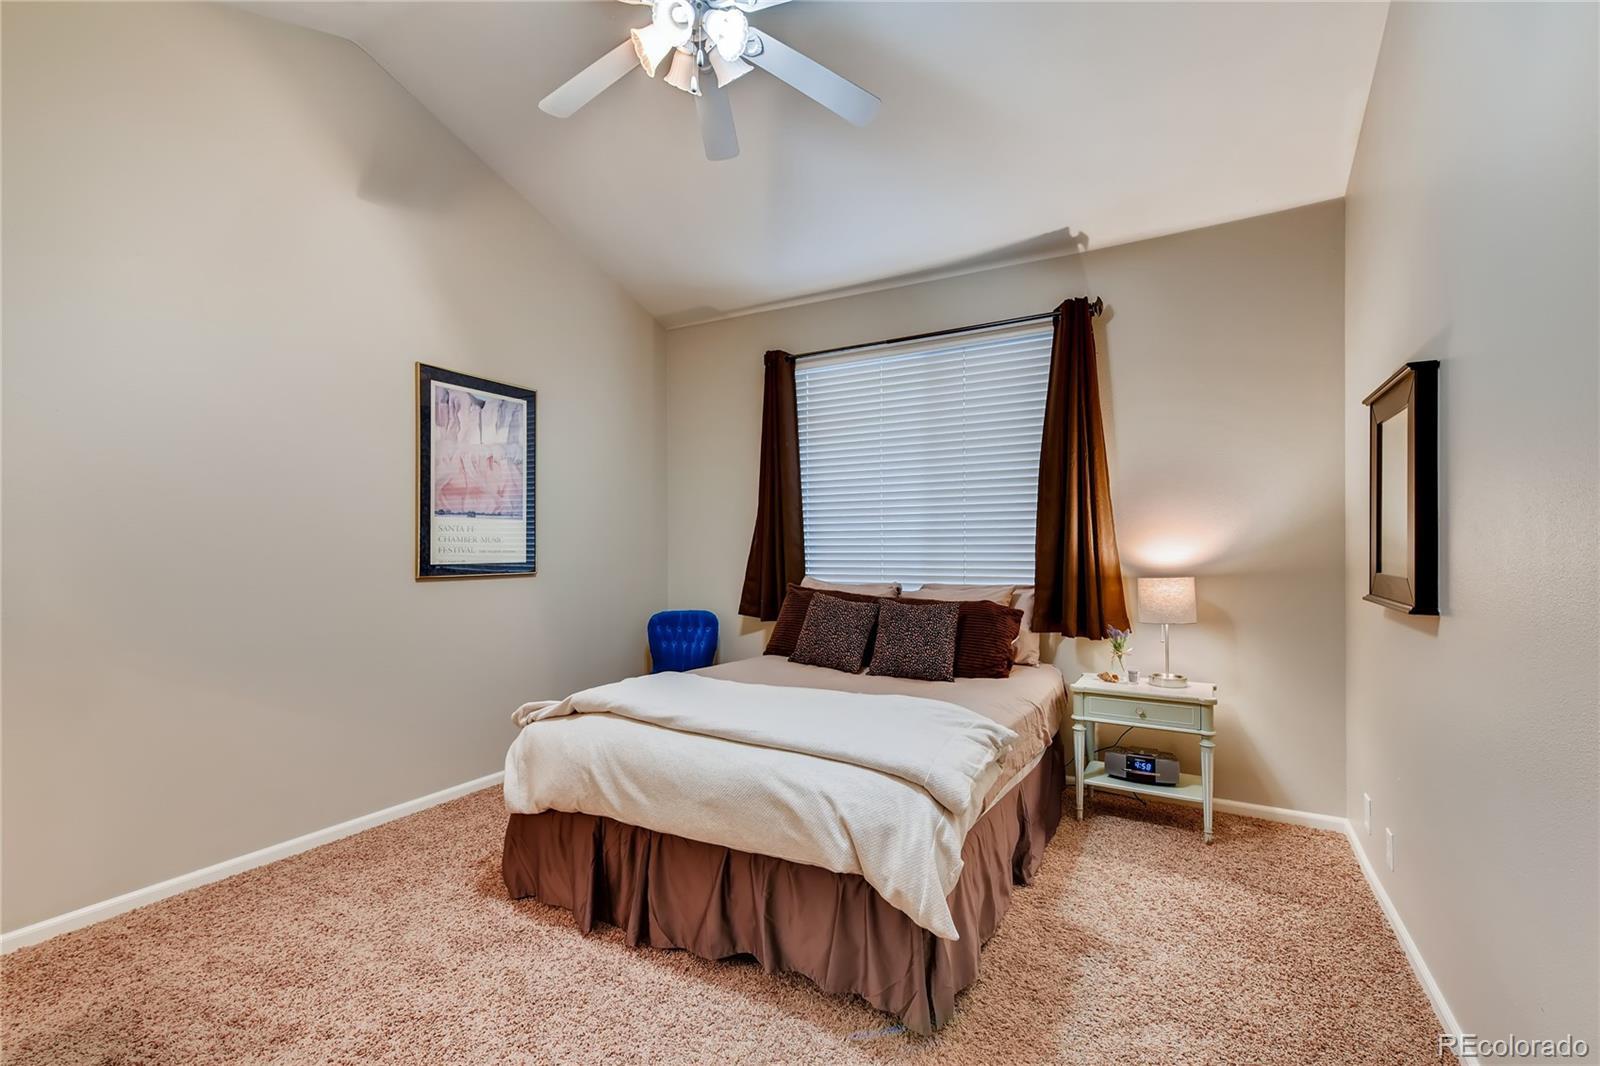 MLS# 1723478 - 12 - 8500 E Jefferson Avenue #5D, Denver, CO 80237